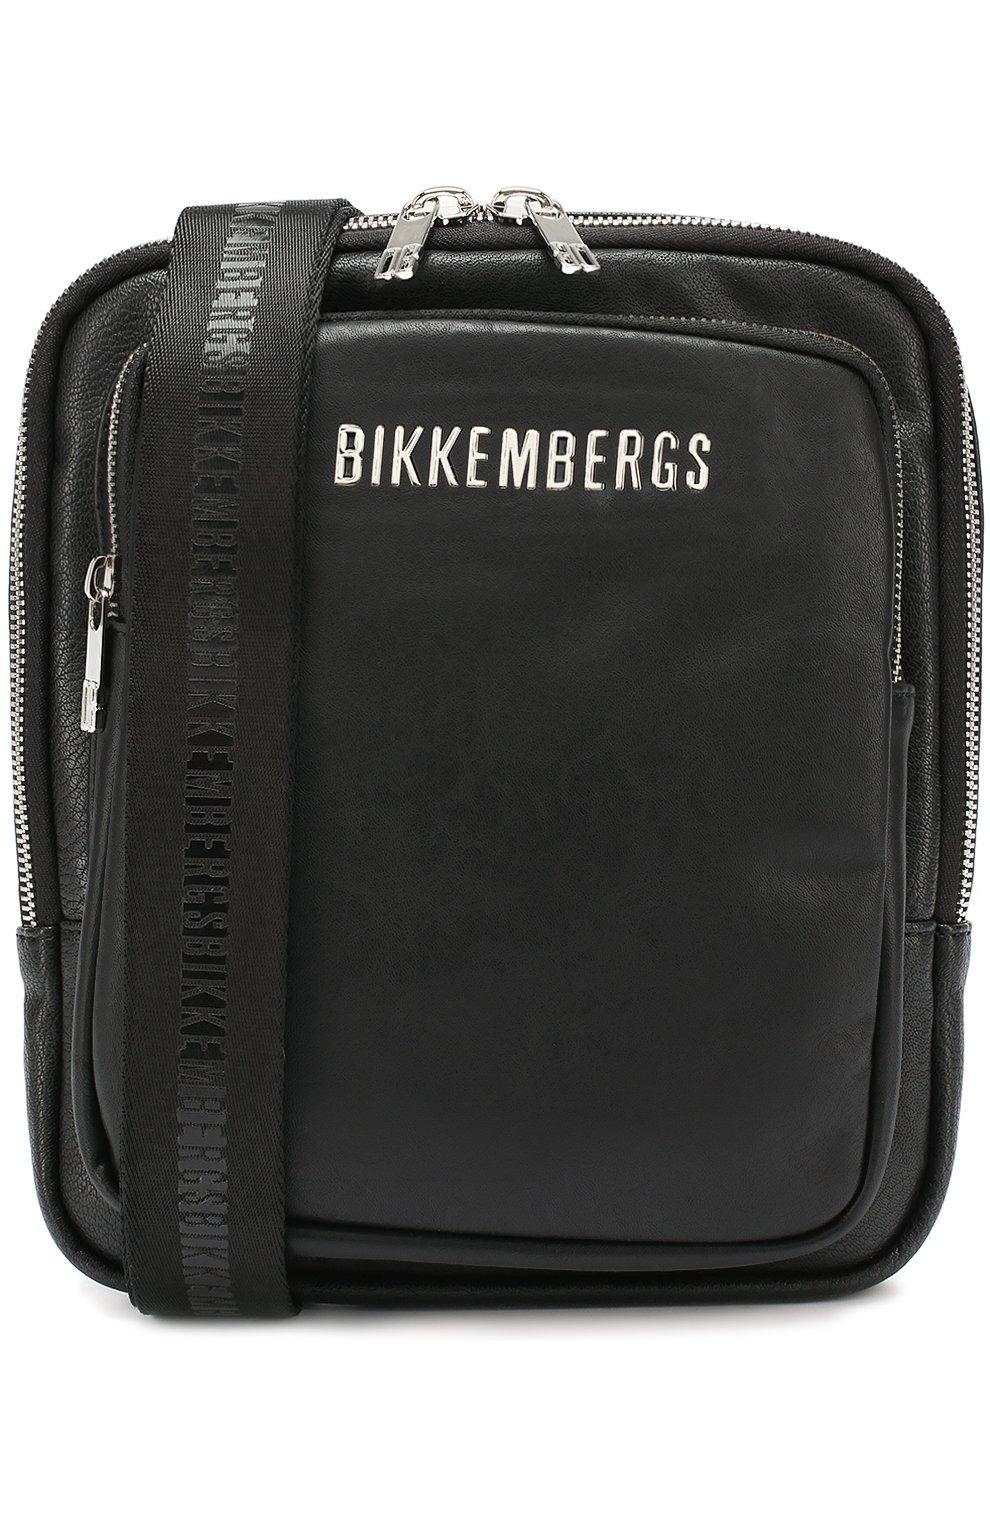 d5fcc0a8d20c Сумка-планшет с внешним карманом на молнии Dirk Bikkembergs черная   Фото №1